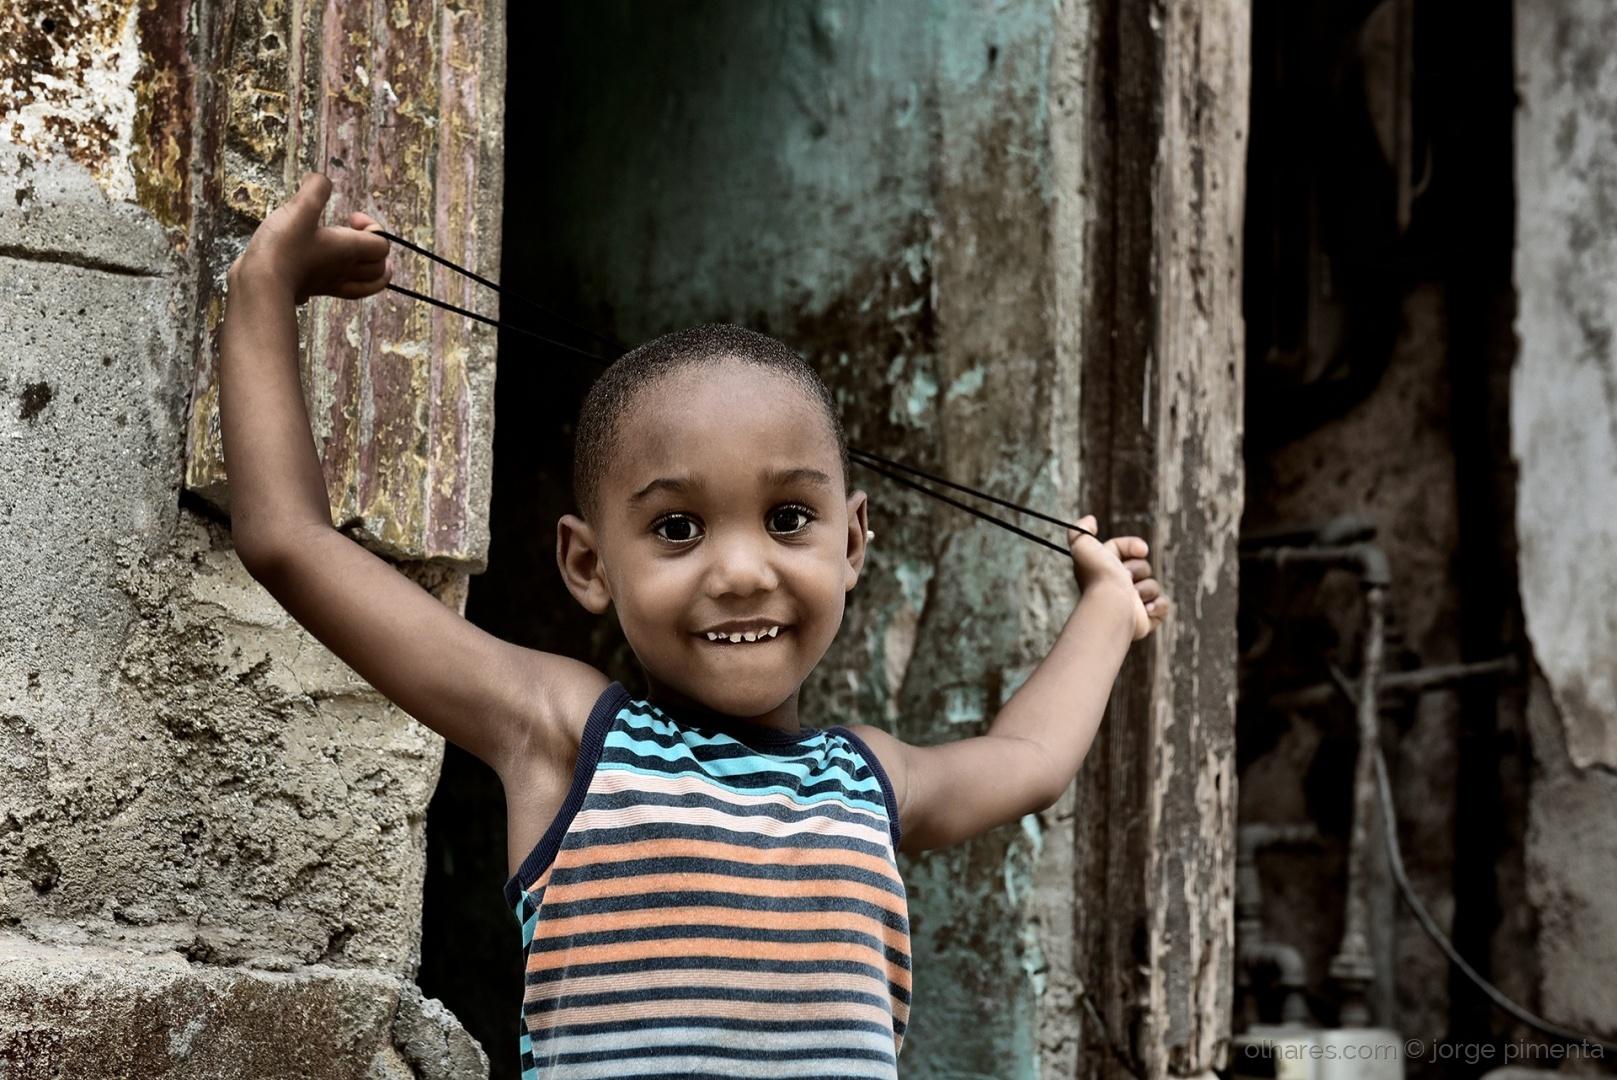 Retratos/Havana: bolas e berlindes